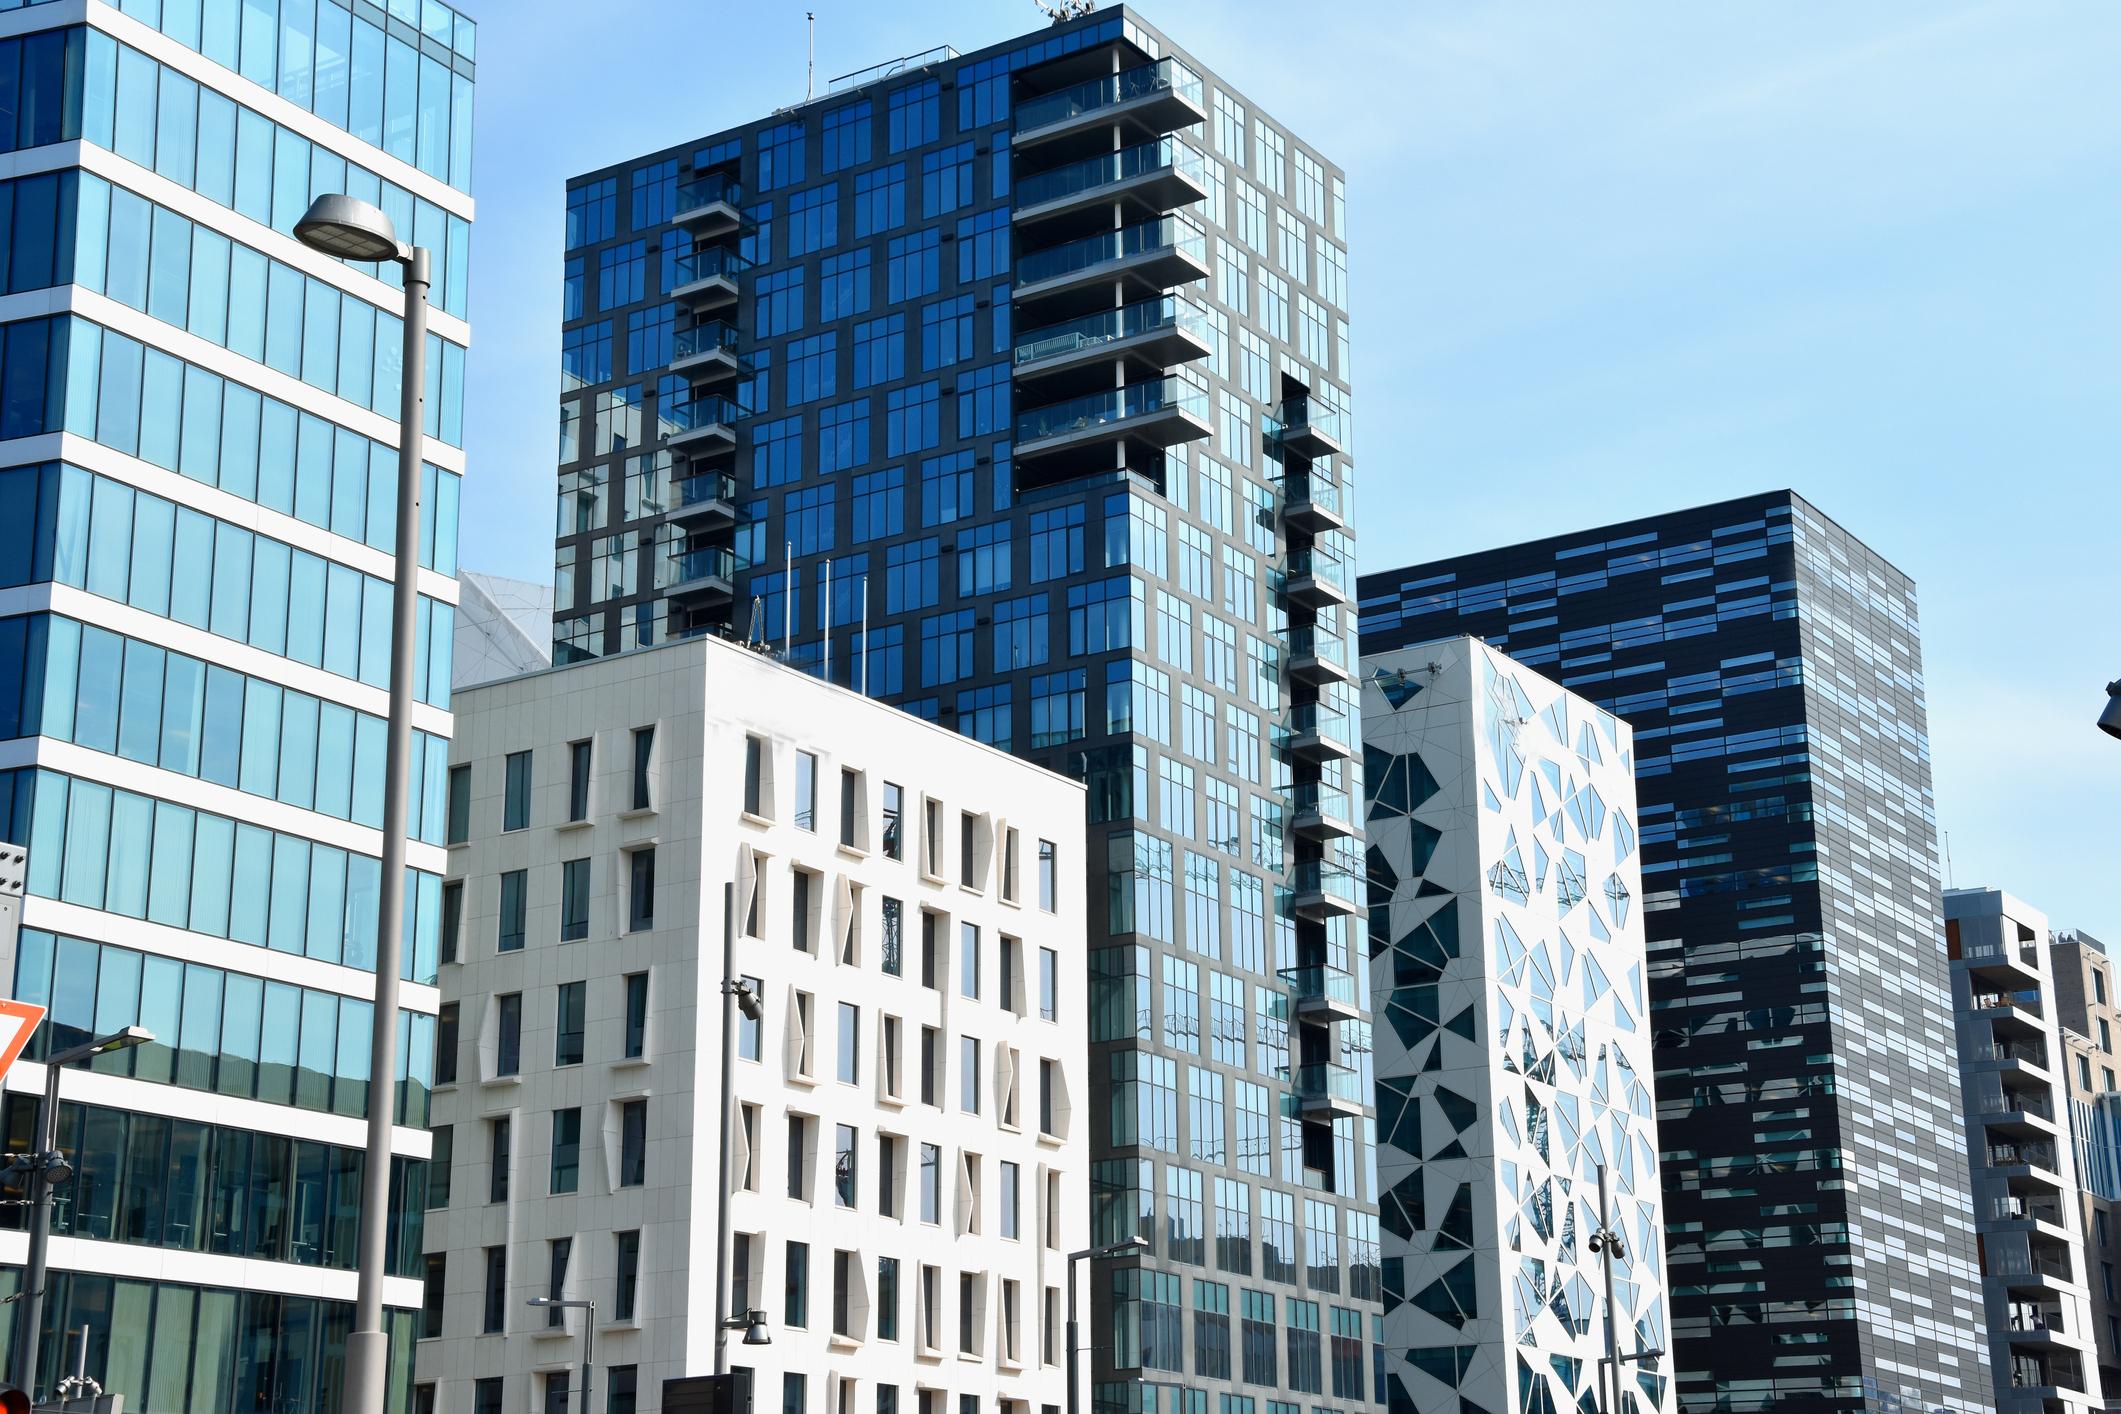 Zgrada Deloittea u Oslu/Getty Images/iStockphoto